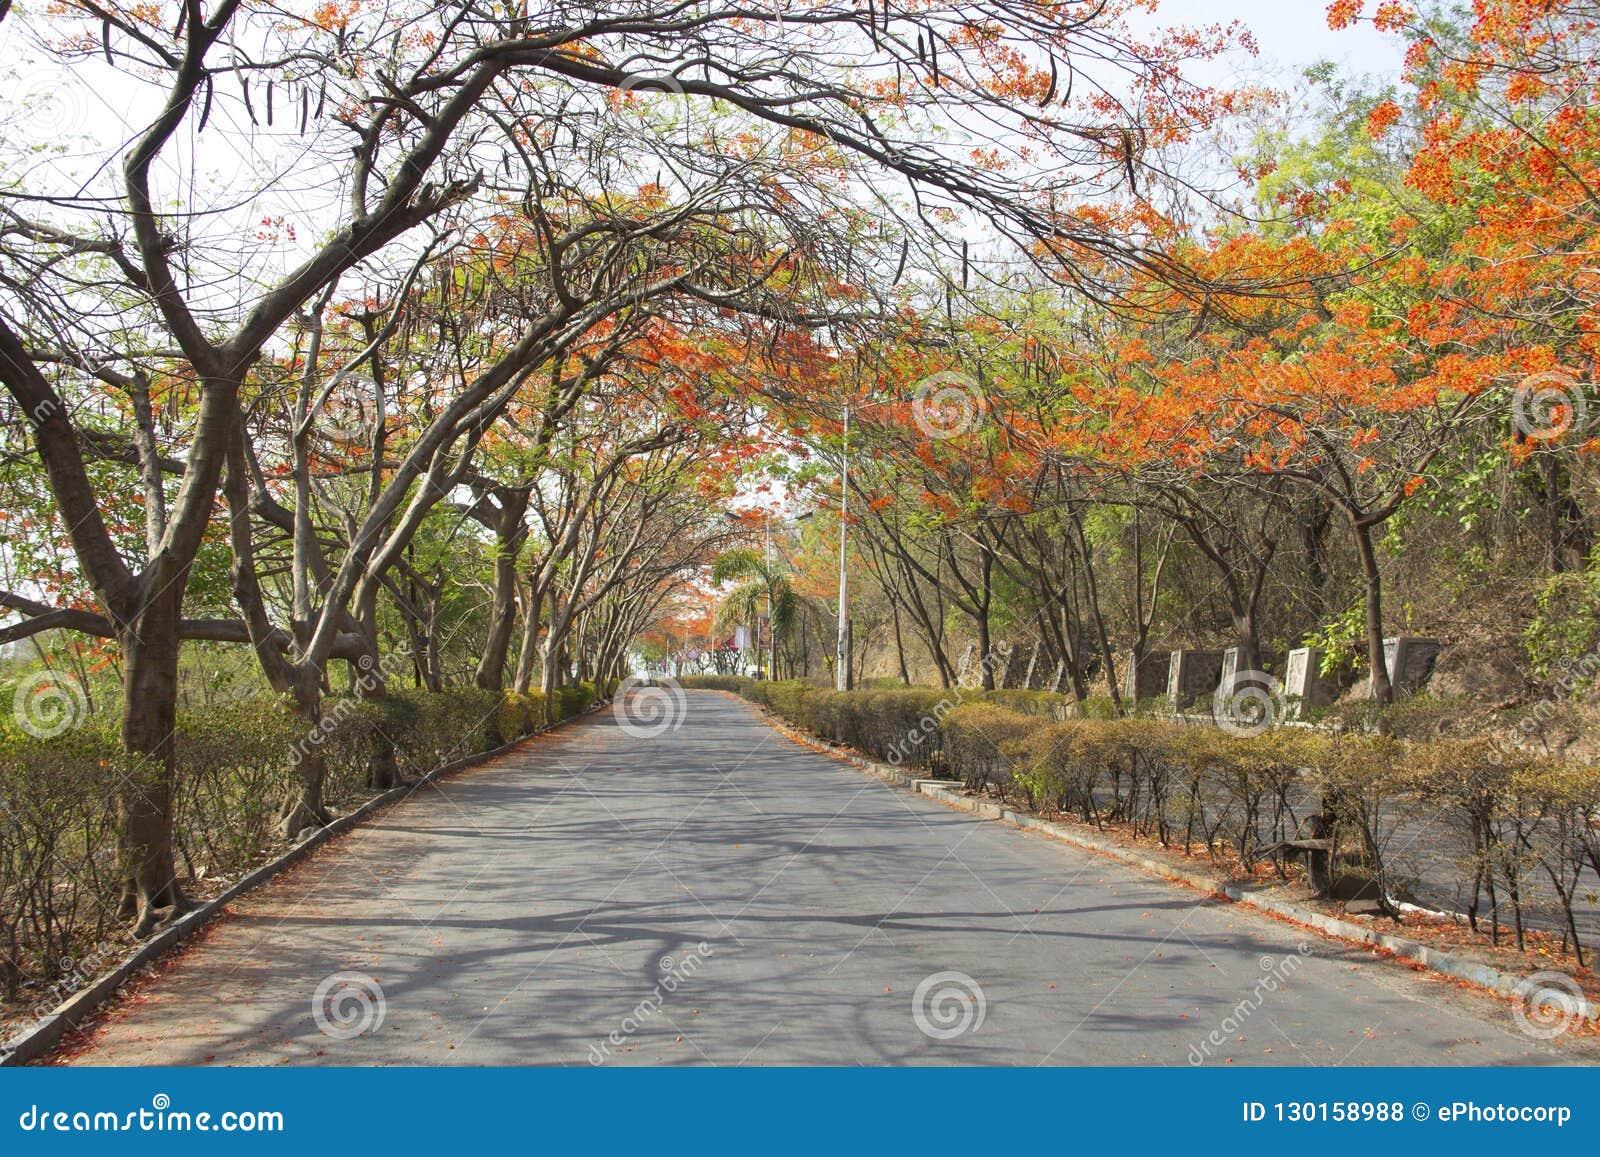 Μια άποψη του δρόμου με το gulmohar θόλο δέντρων κατά τη διάρκεια του καλοκαιριού, Pune, Ινδία